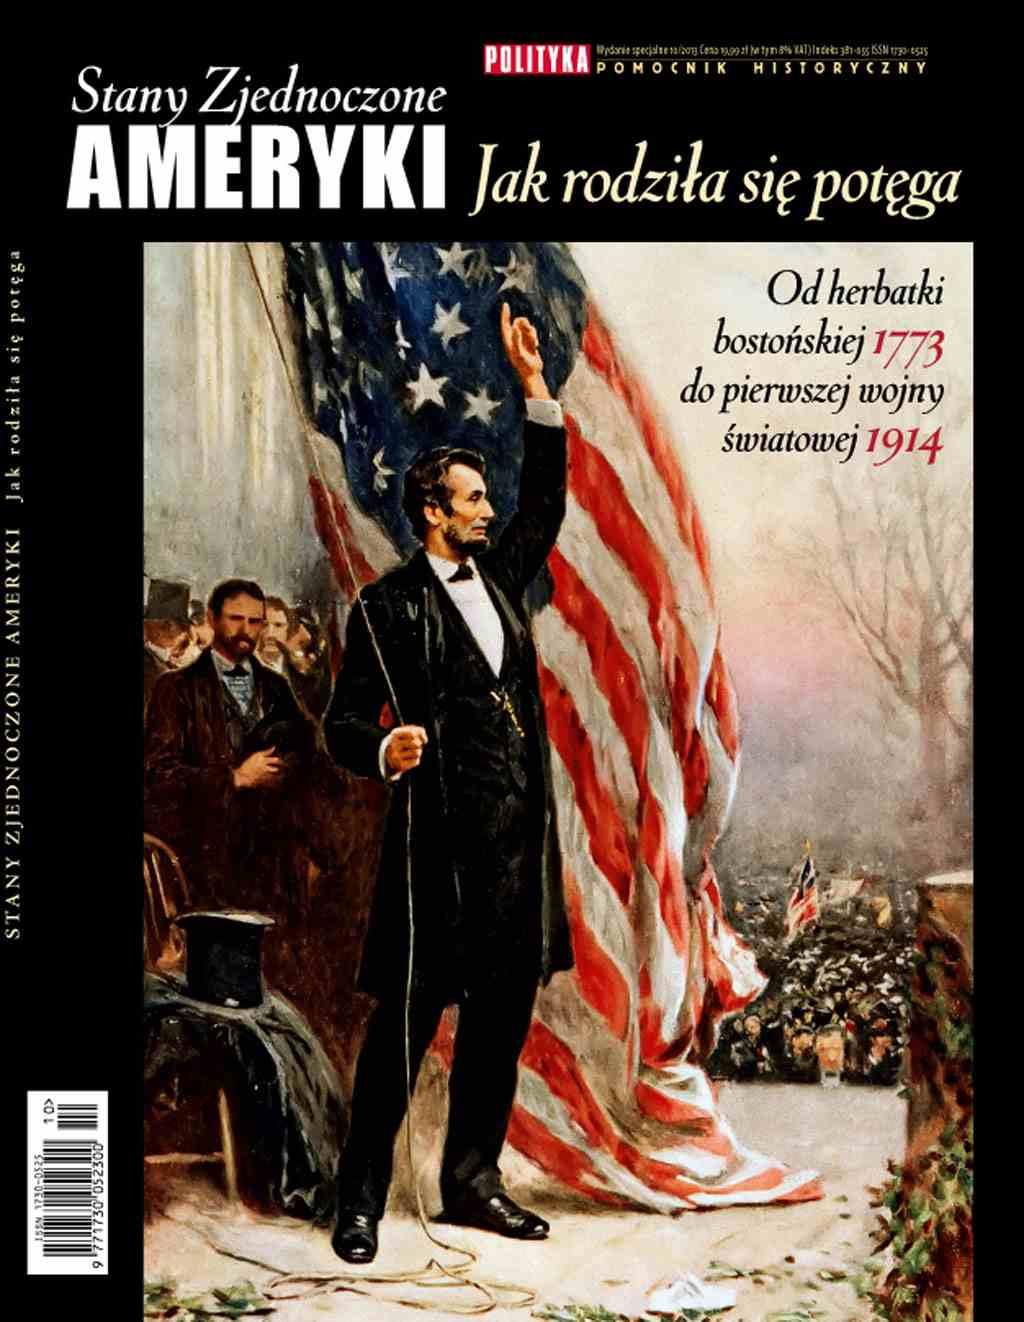 Pomocnik Historyczny: Stany Zjednoczone Ameryki - Ebook (Książka PDF) do pobrania w formacie PDF